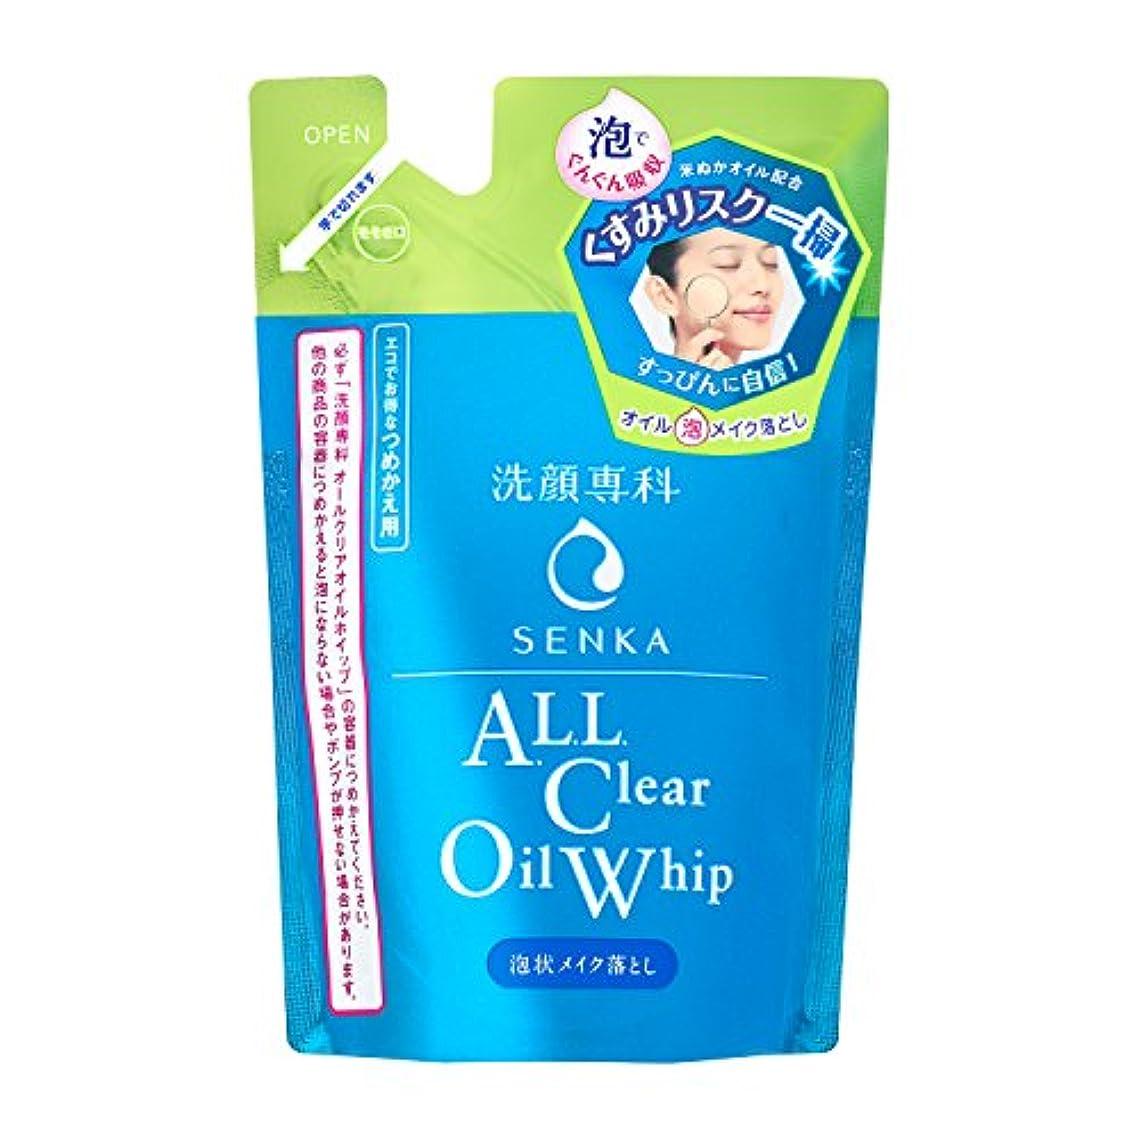 所持ベッツィトロットウッドアラビア語洗顔専科 オールクリアオイルホイップ 泡状メイク落とし つめかえ用 130mL